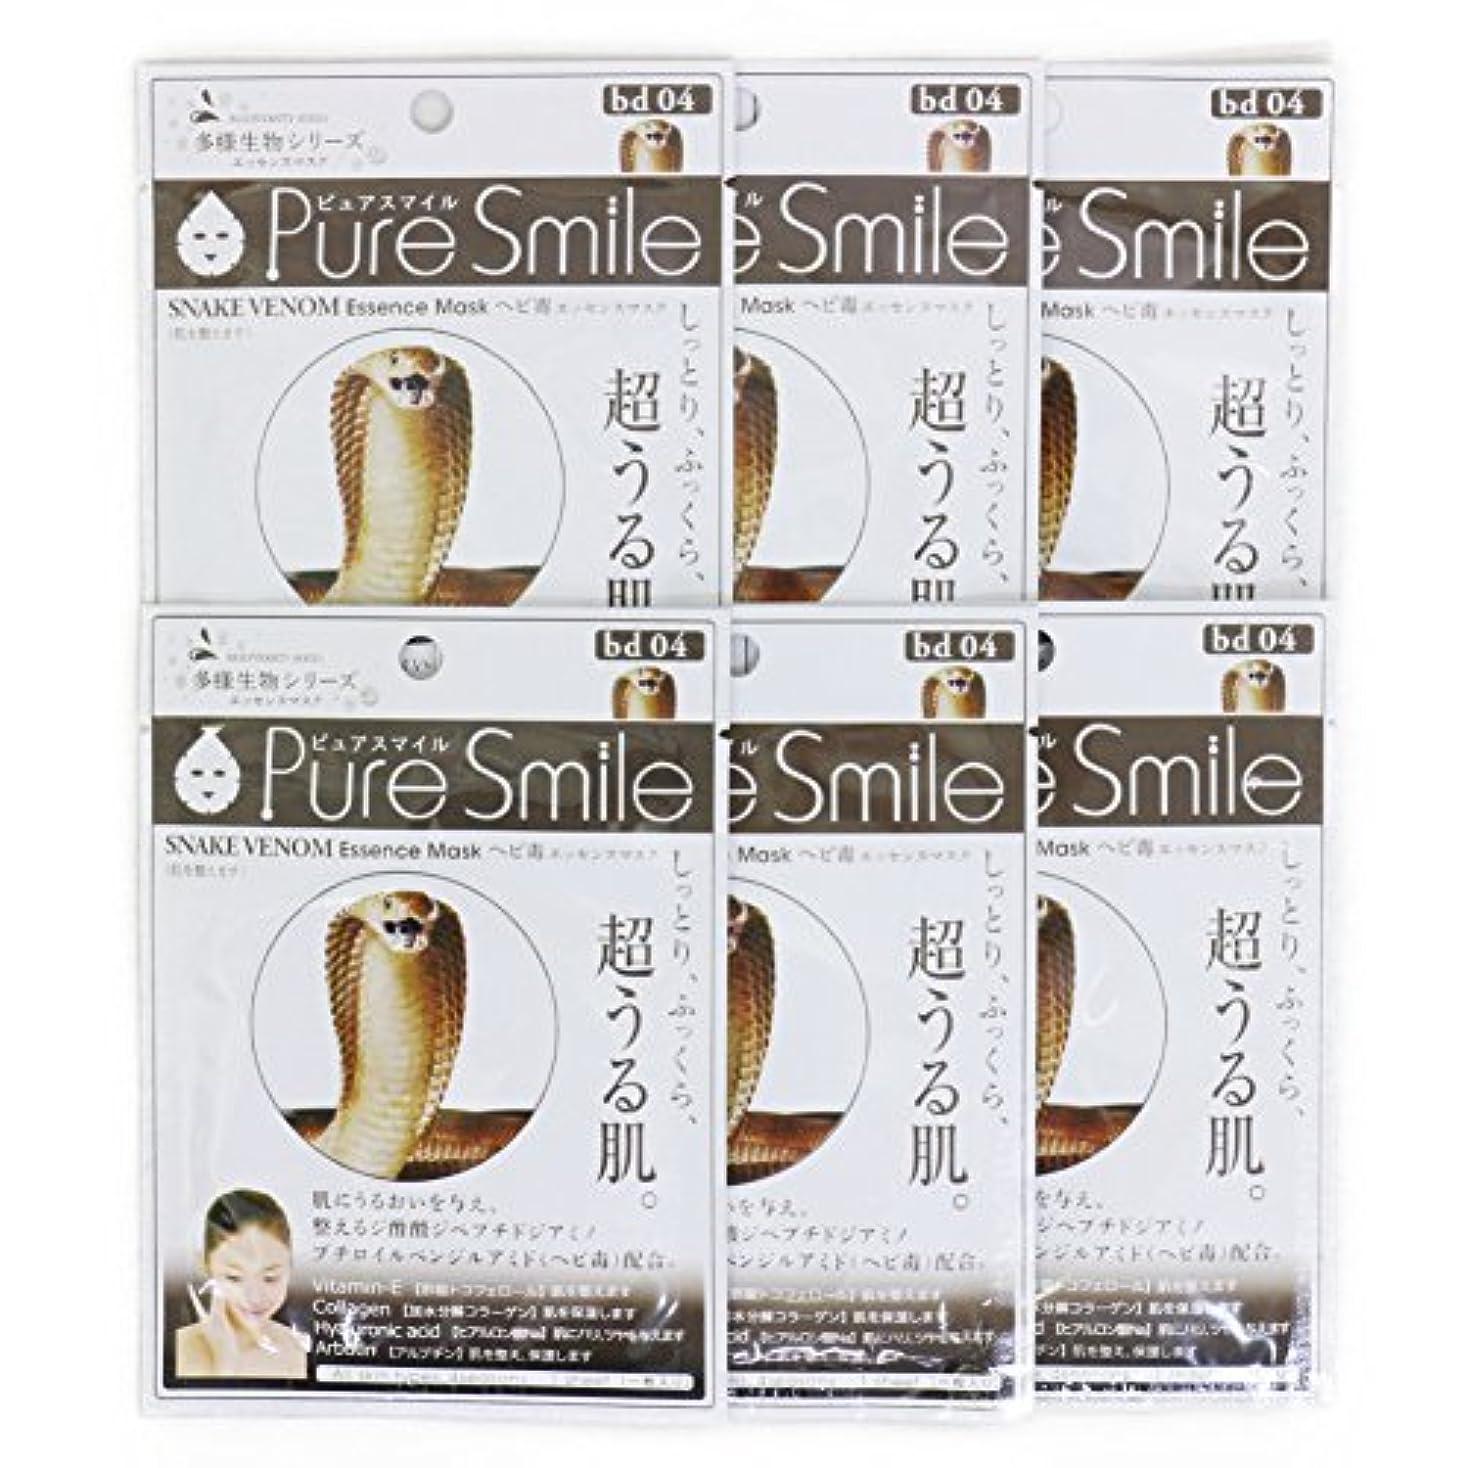 ハウジング便宜白いPure Smile ピュアスマイル 多様生物エッセンスマスク ヘビ毒 6枚セット